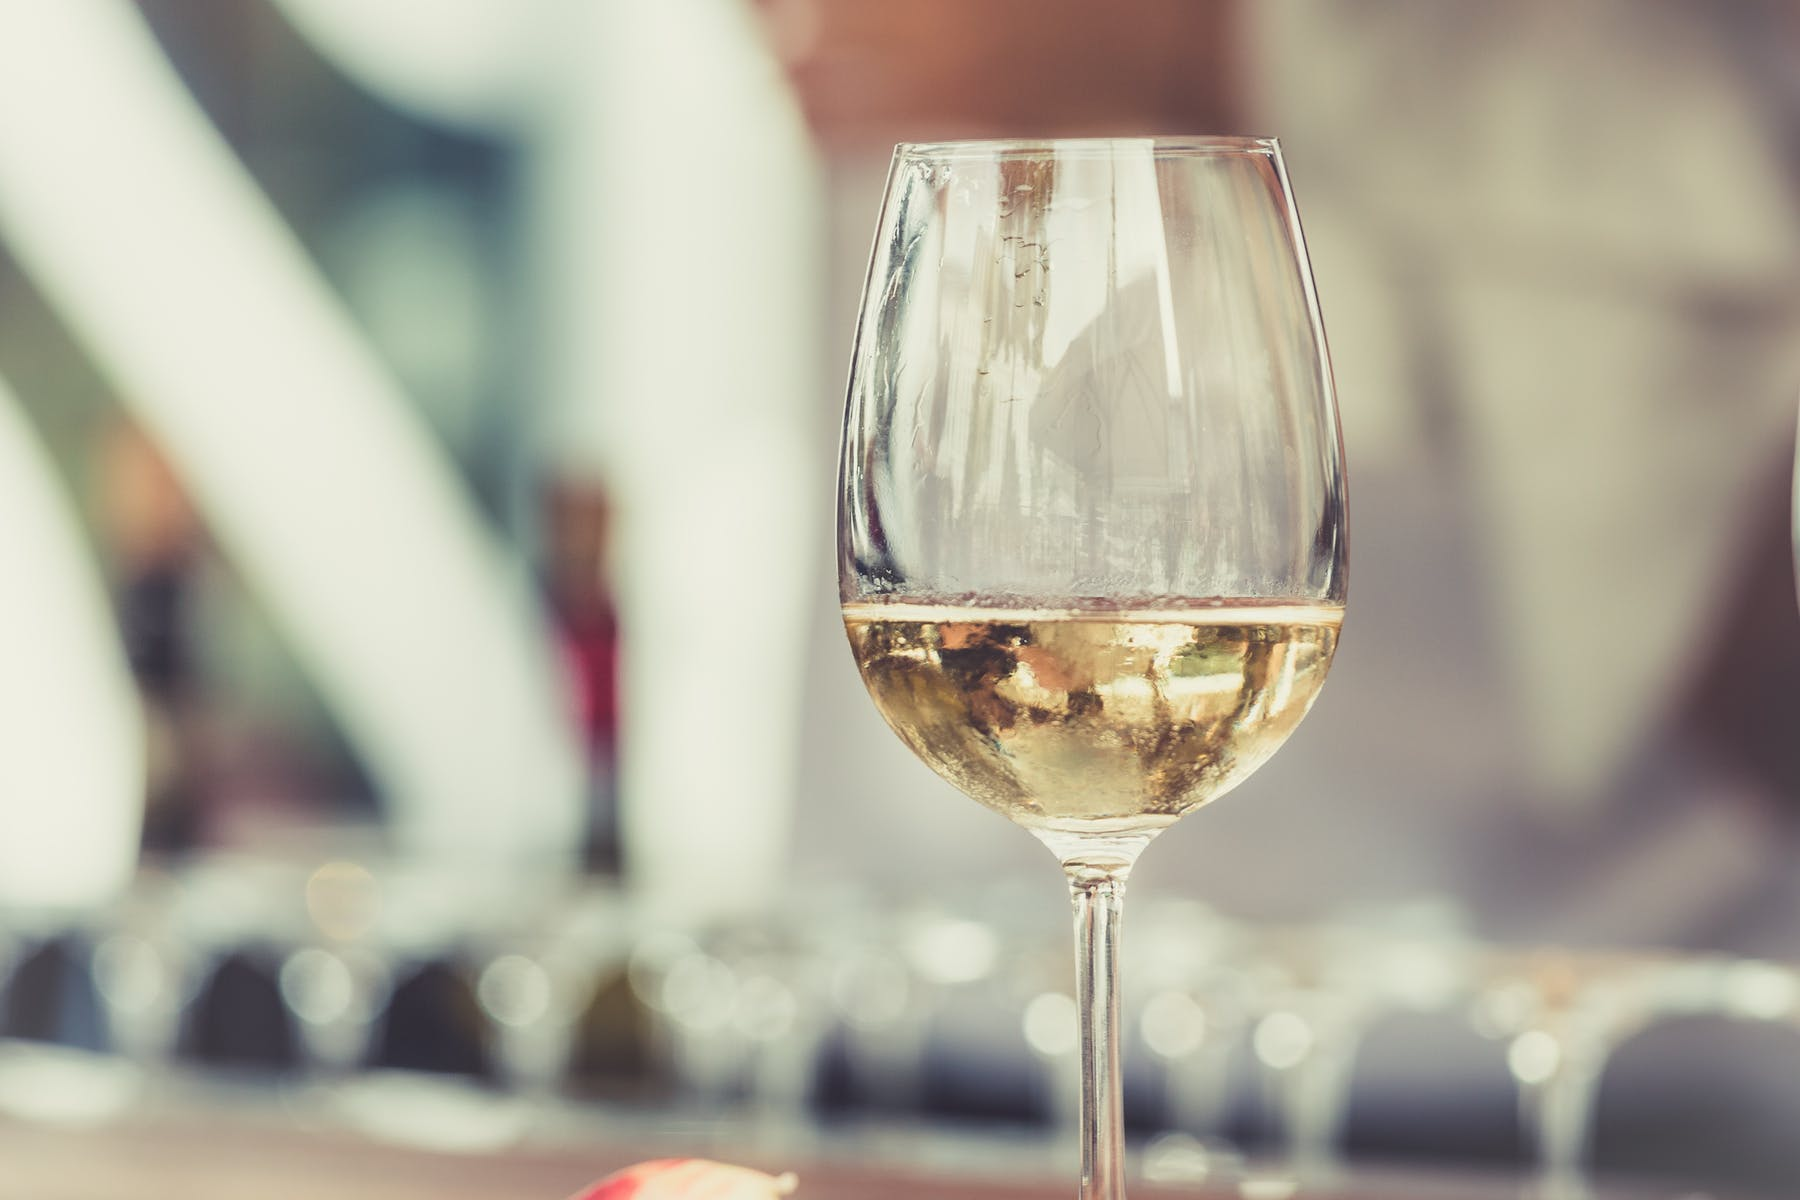 a closeup of a wine glass